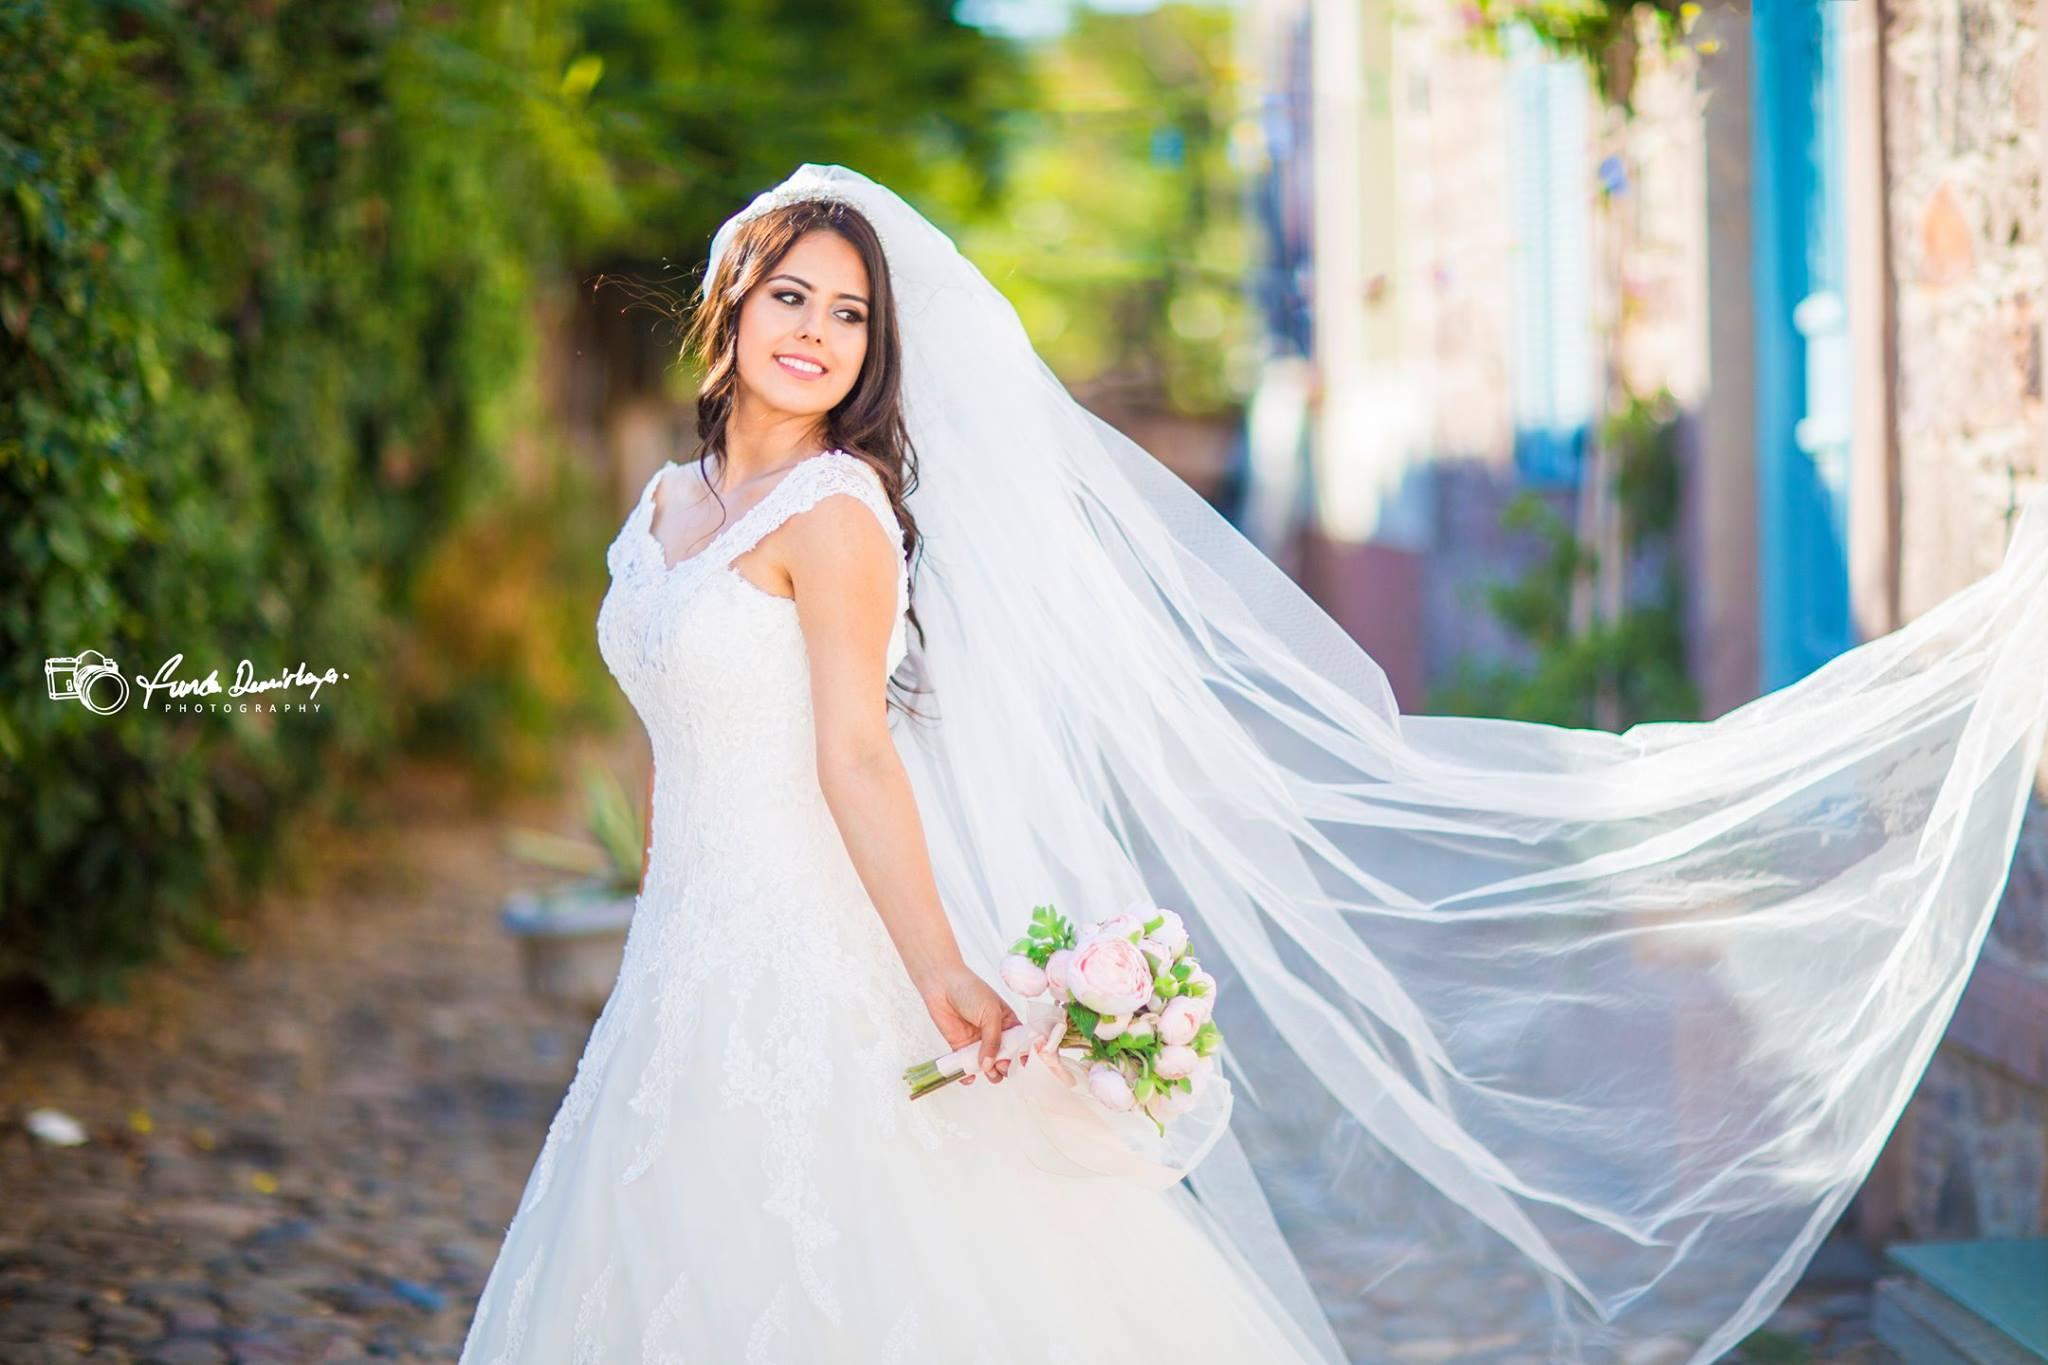 Balıkesir Edremit Ayvalık Cunda Düğün Fotoğrafçısı Funda Demirkaya (1)